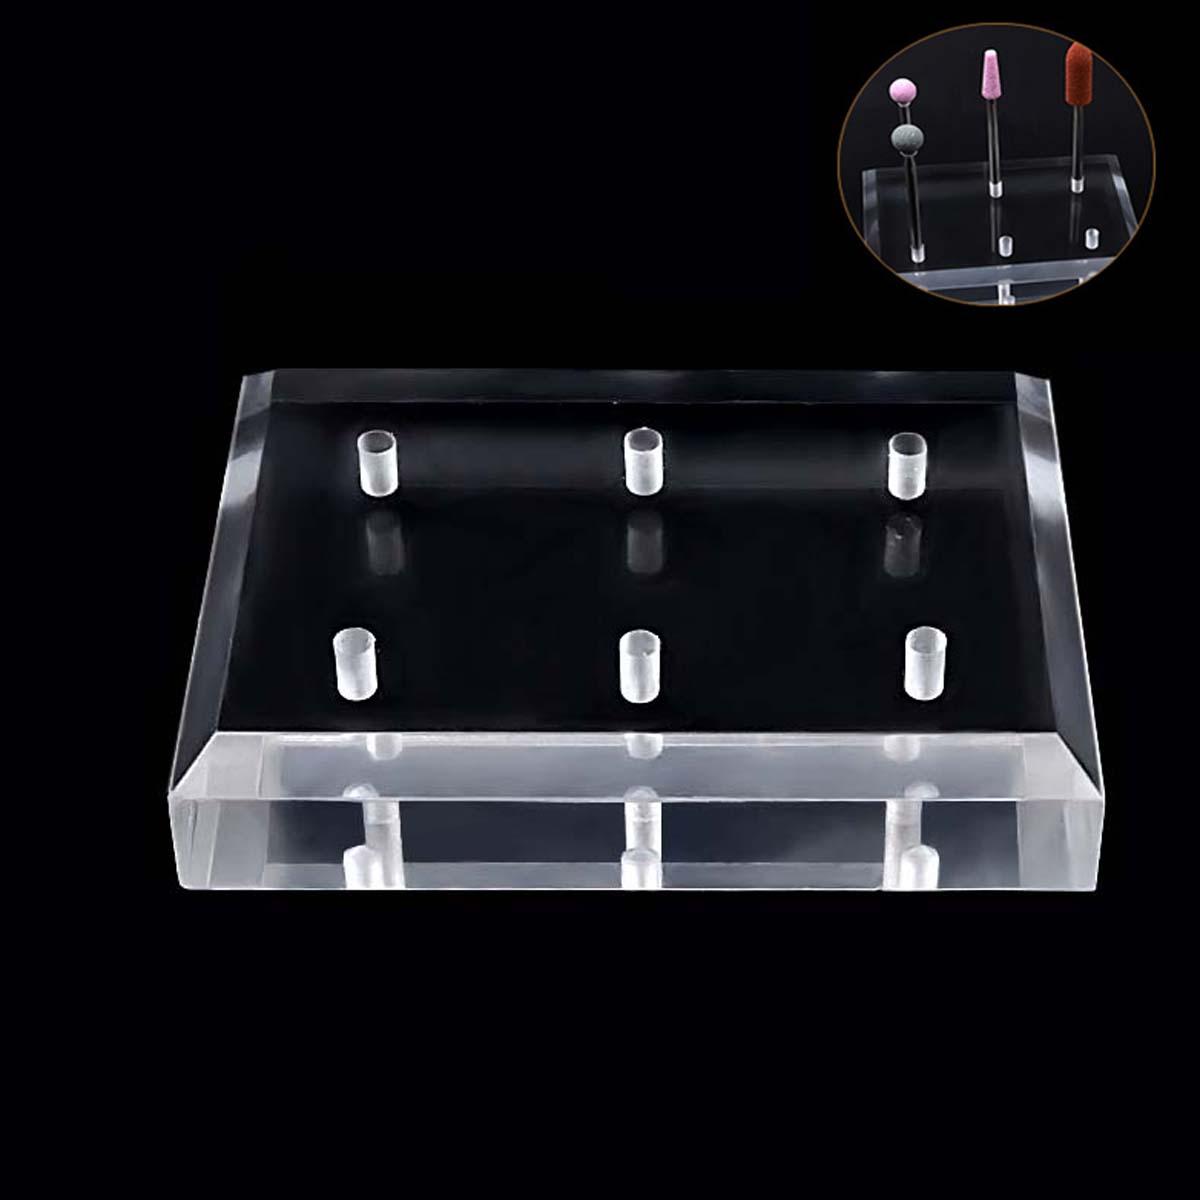 [해외]투명한 컬러 네일 드릴 비트 홀더 전시 스탠드 6 홀 디자인 네일 아트 살롱을네일 그라인딩 스톤 헤드 디스플레이베이스/Transparent Color Nail Drill Bits Holder Exhibition Stand 6 Hole Design Nail Gri